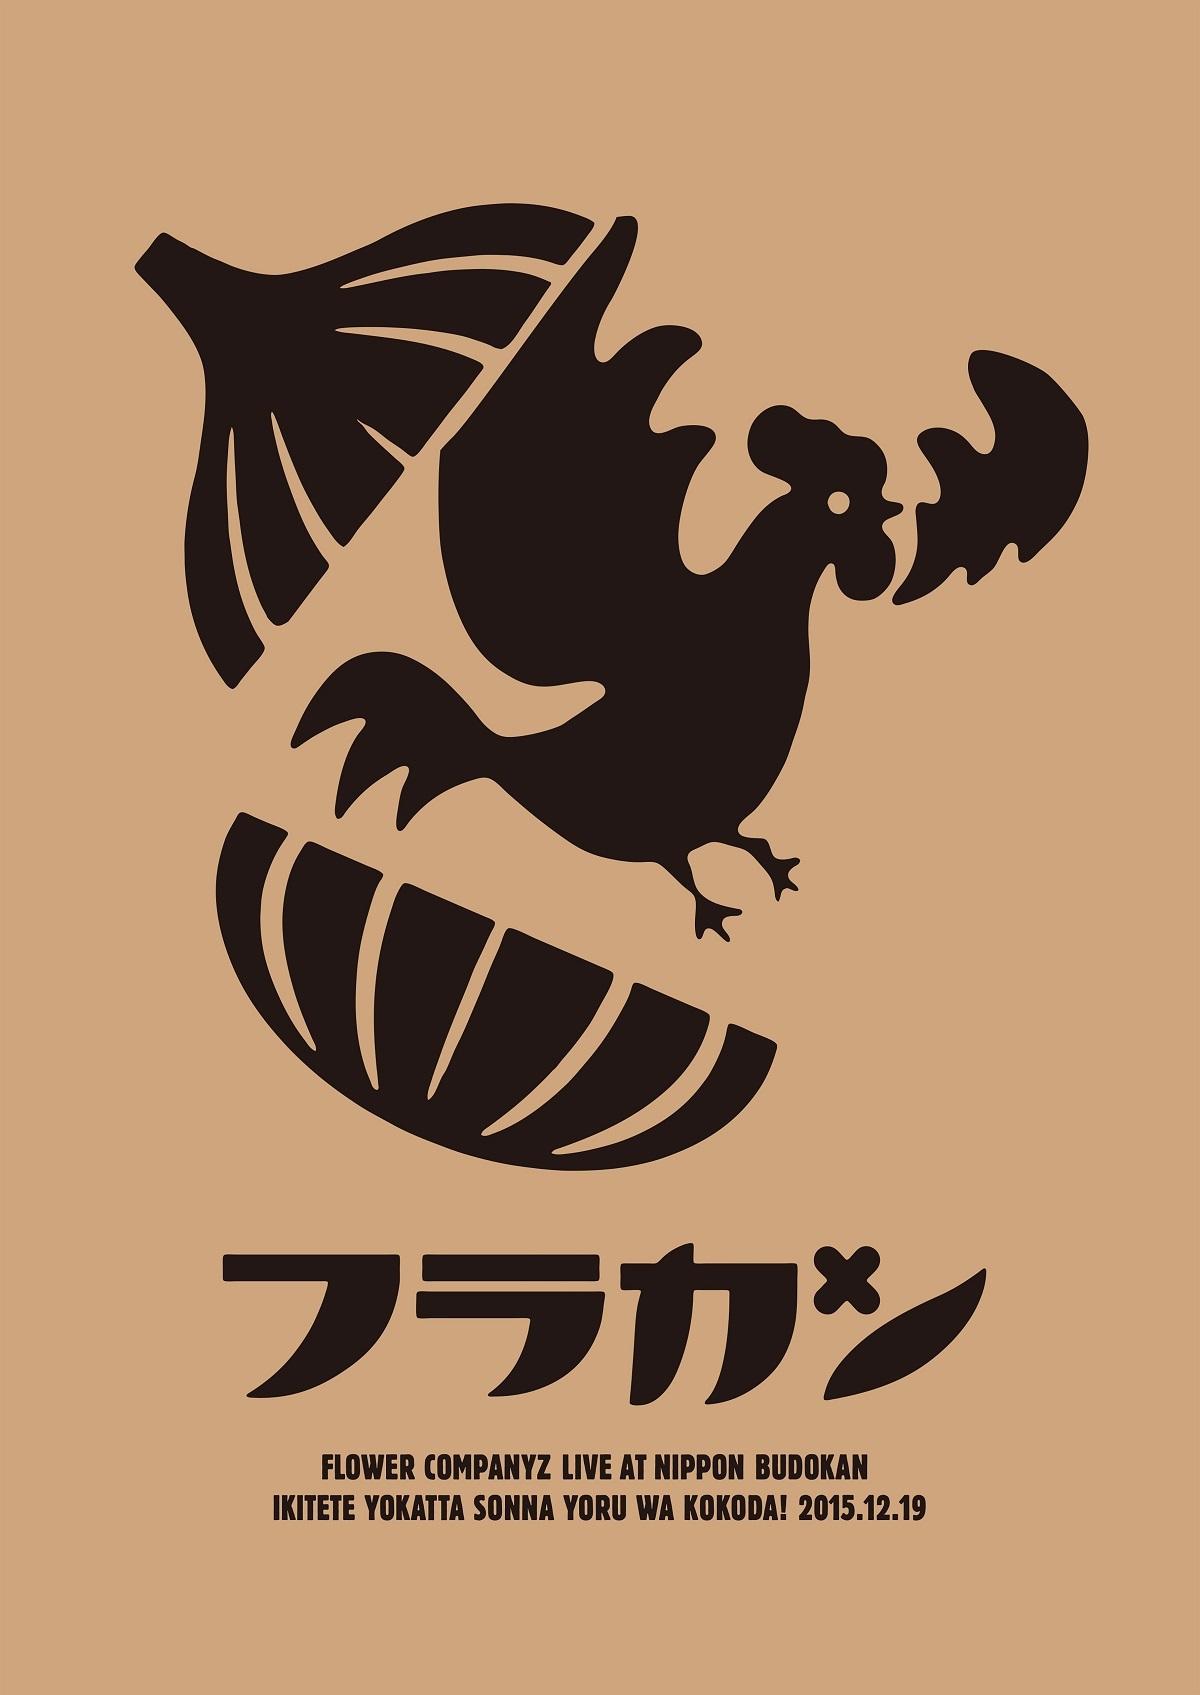 フラワーカンパニーズLIVE DVD&Blu-ray『フラカンの日本武道館〜生きててよかった、そんな夜はココだ!〜』